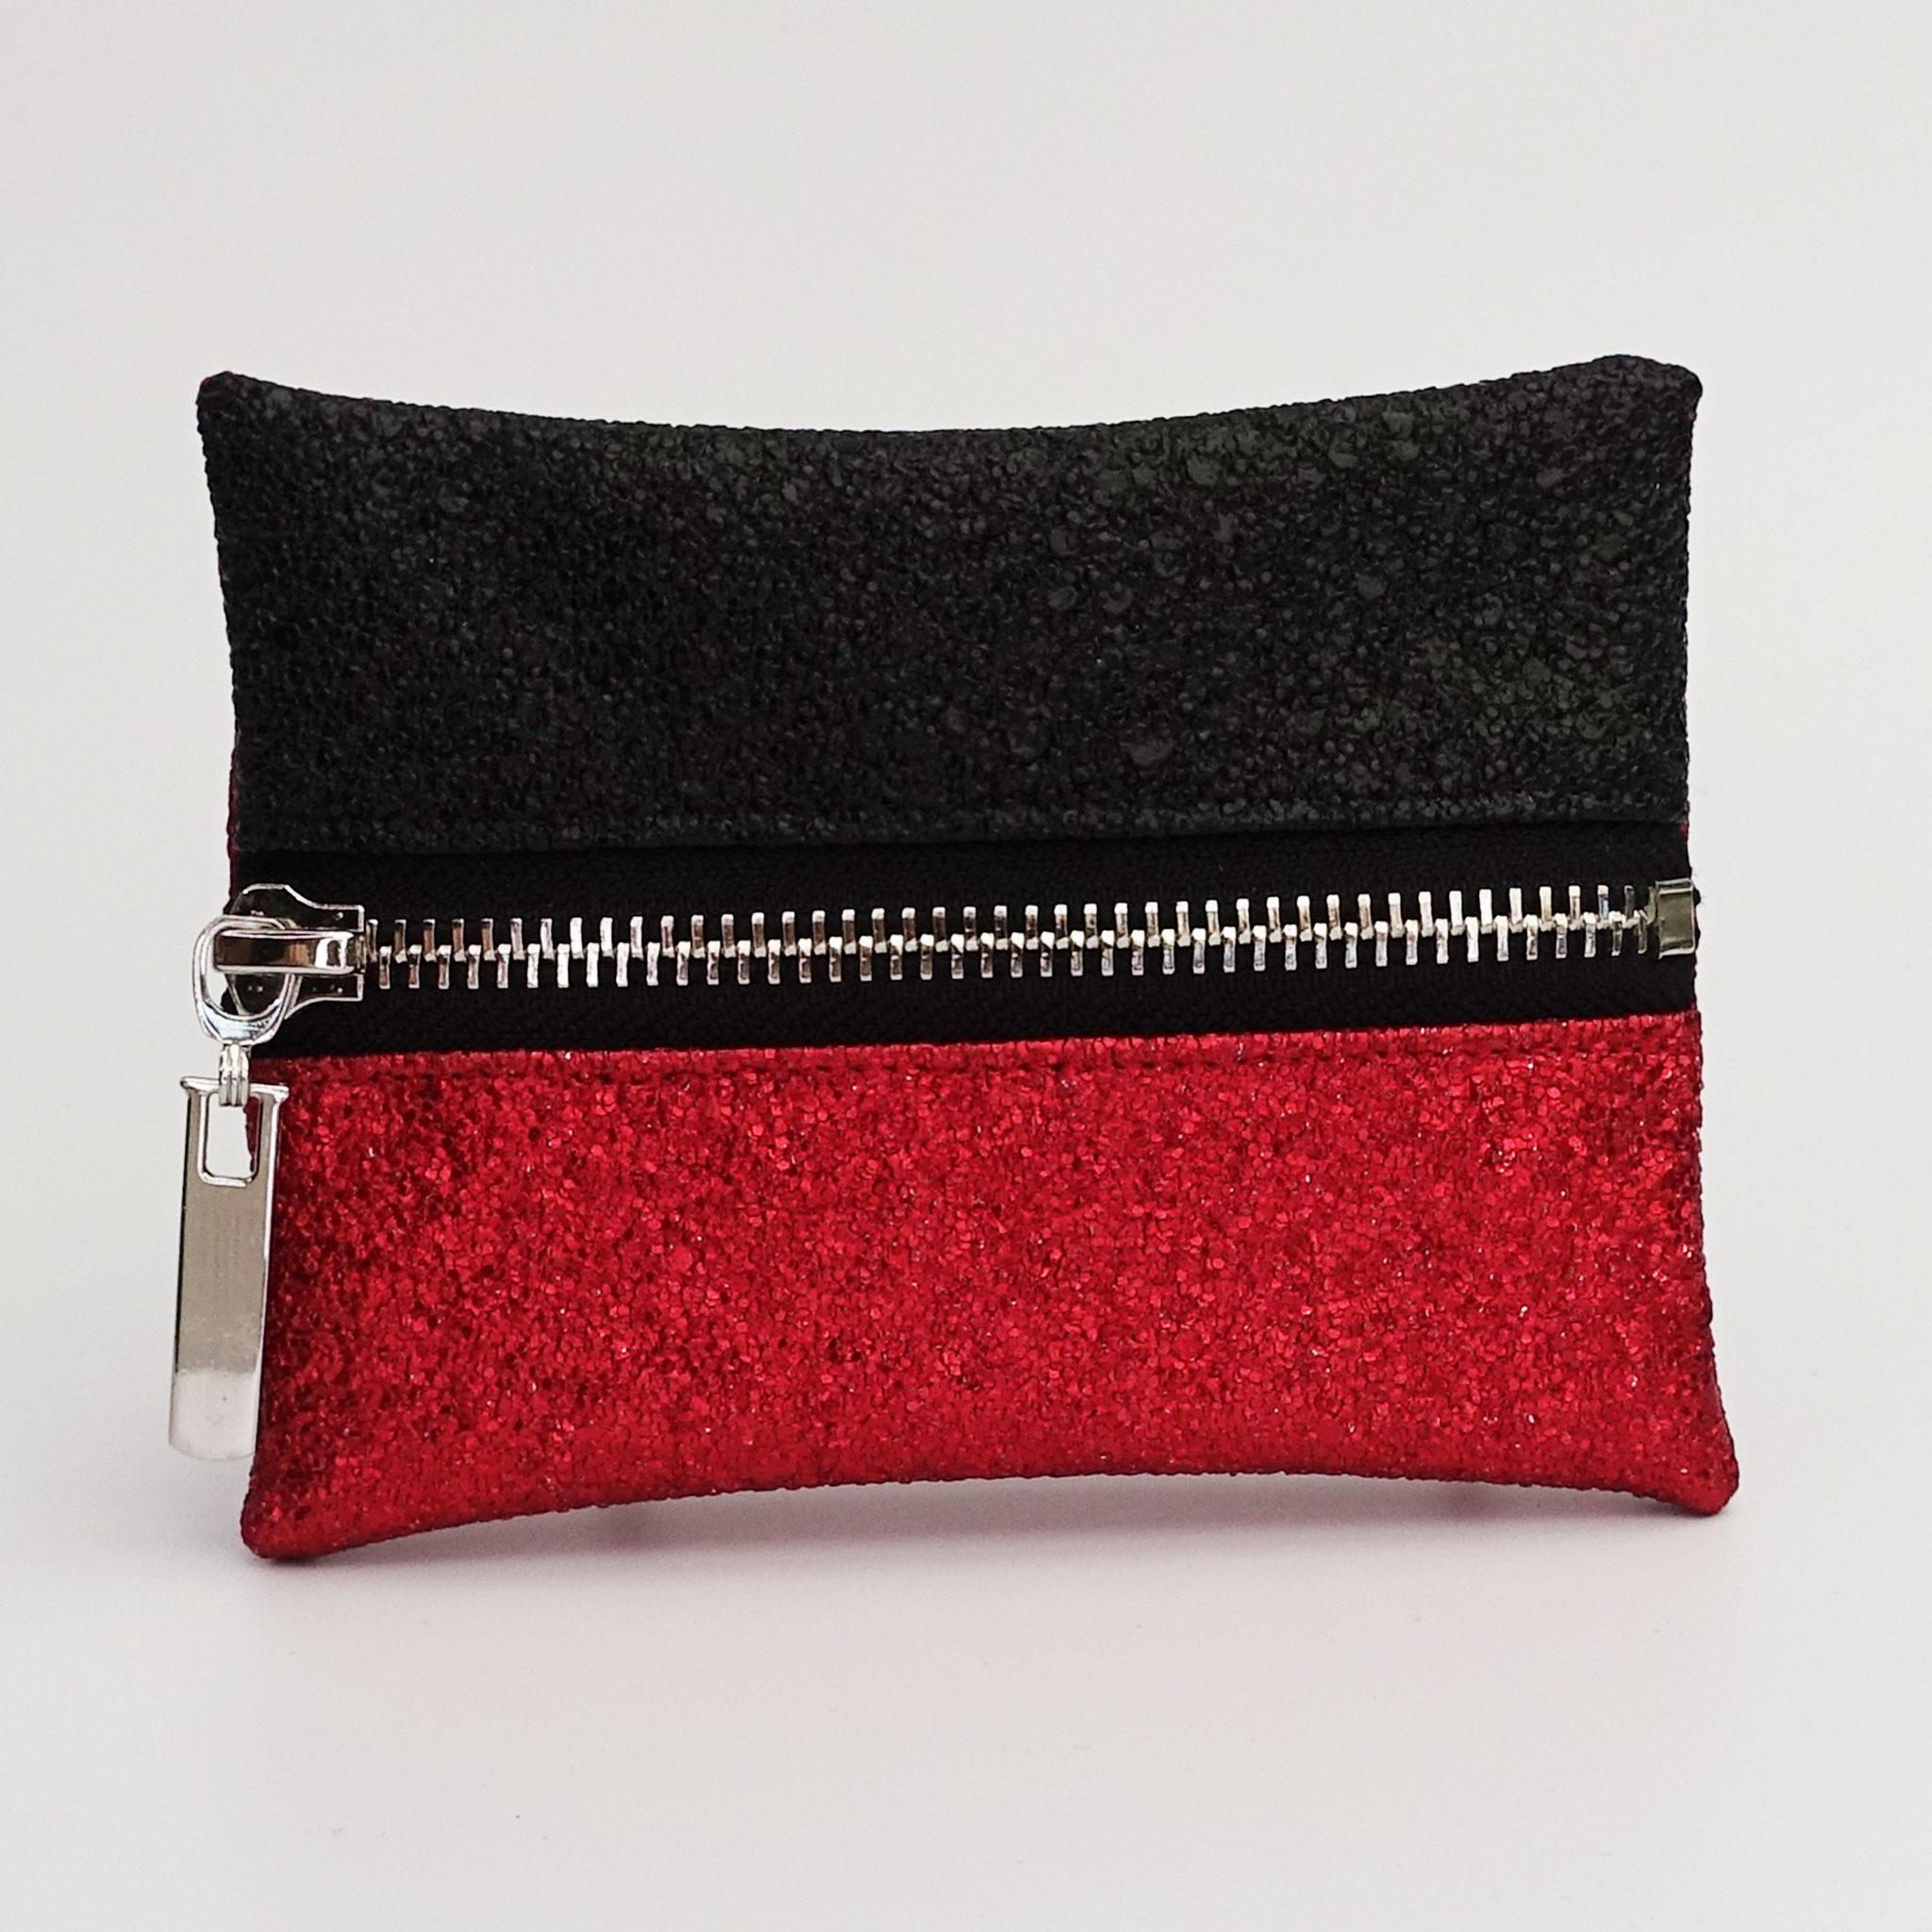 Porte-monnaie végan lurex rouge et noir, zip métal argenté